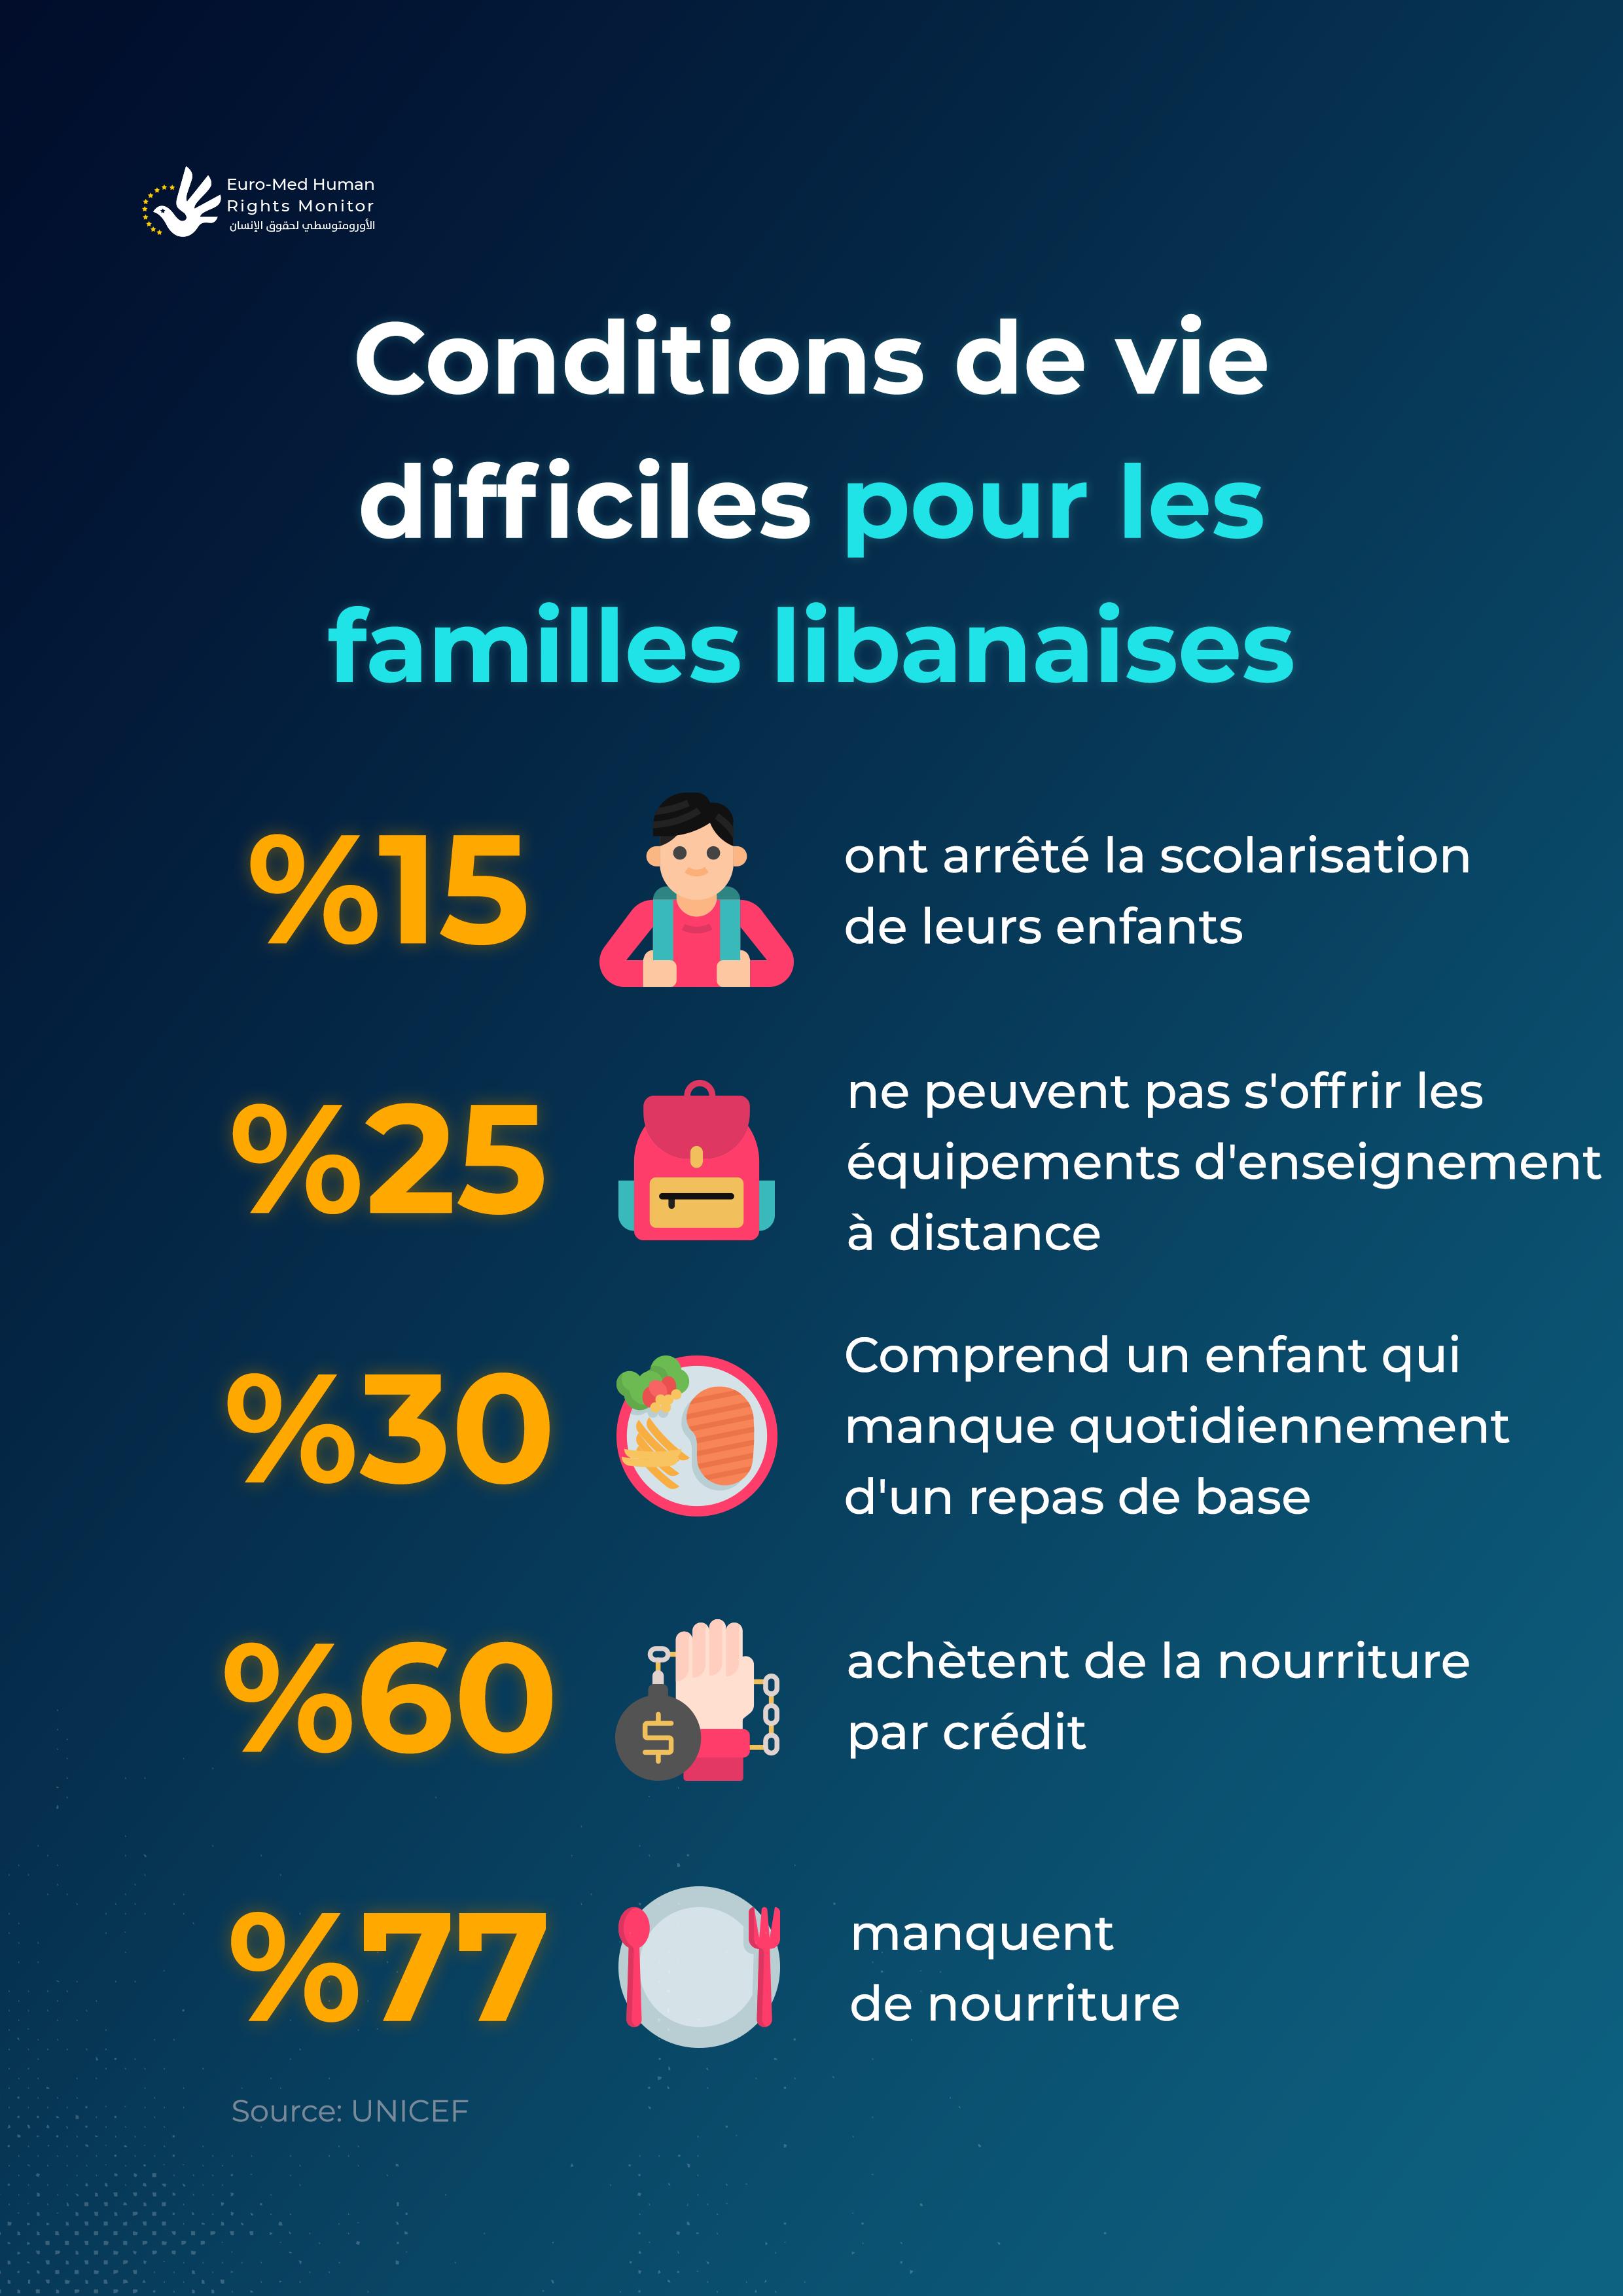 Conditions de vie difficiles pour les familles libanaises